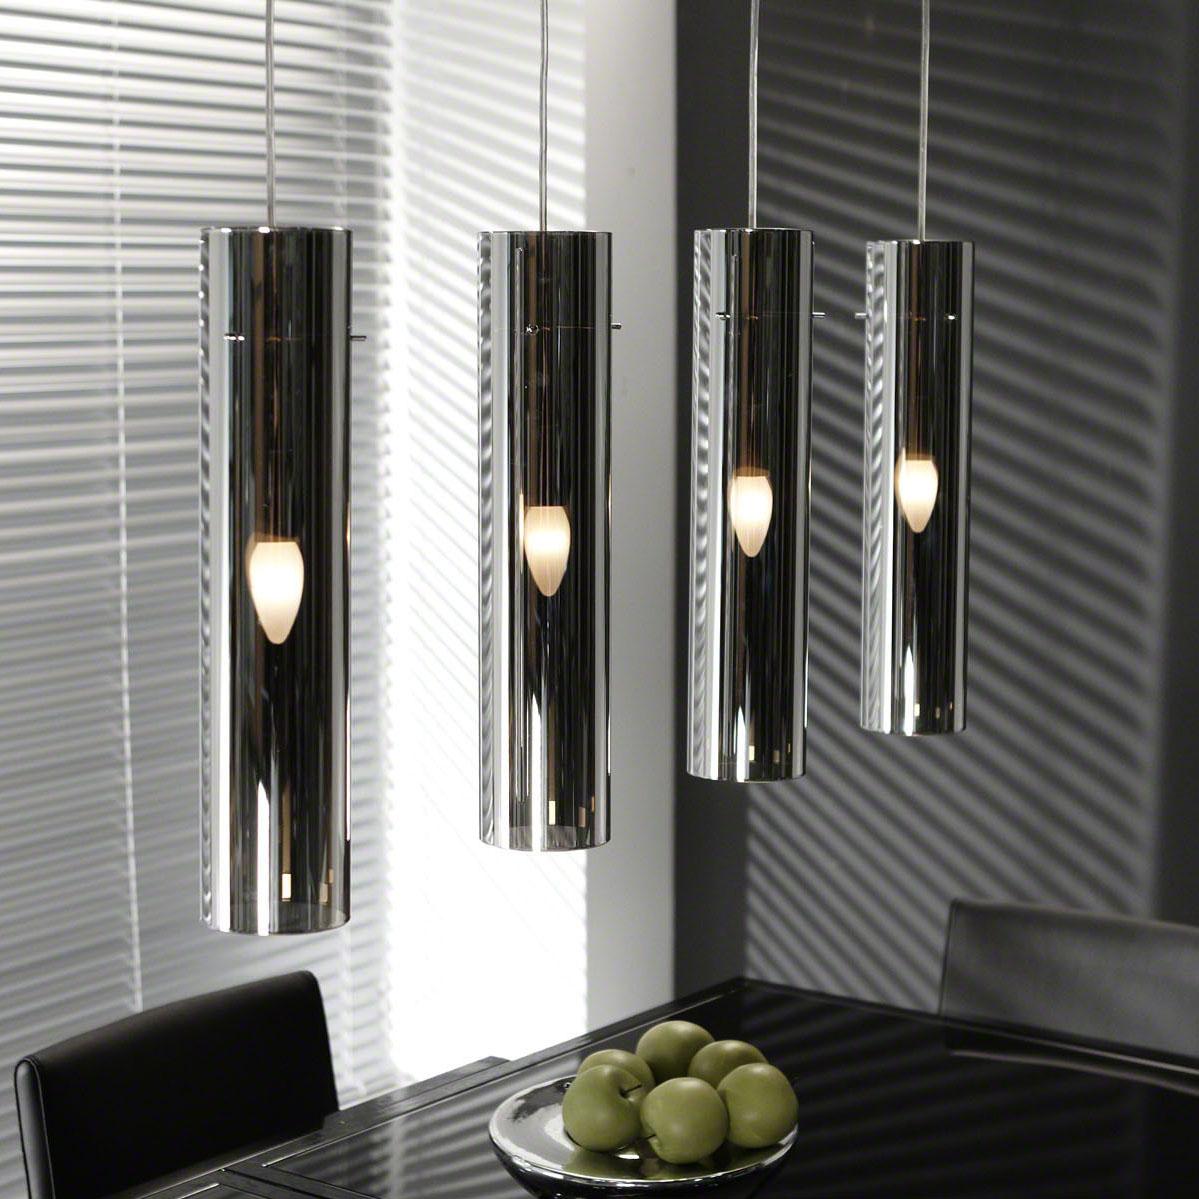 Hanglamp 'Nathanial', 4 lampen